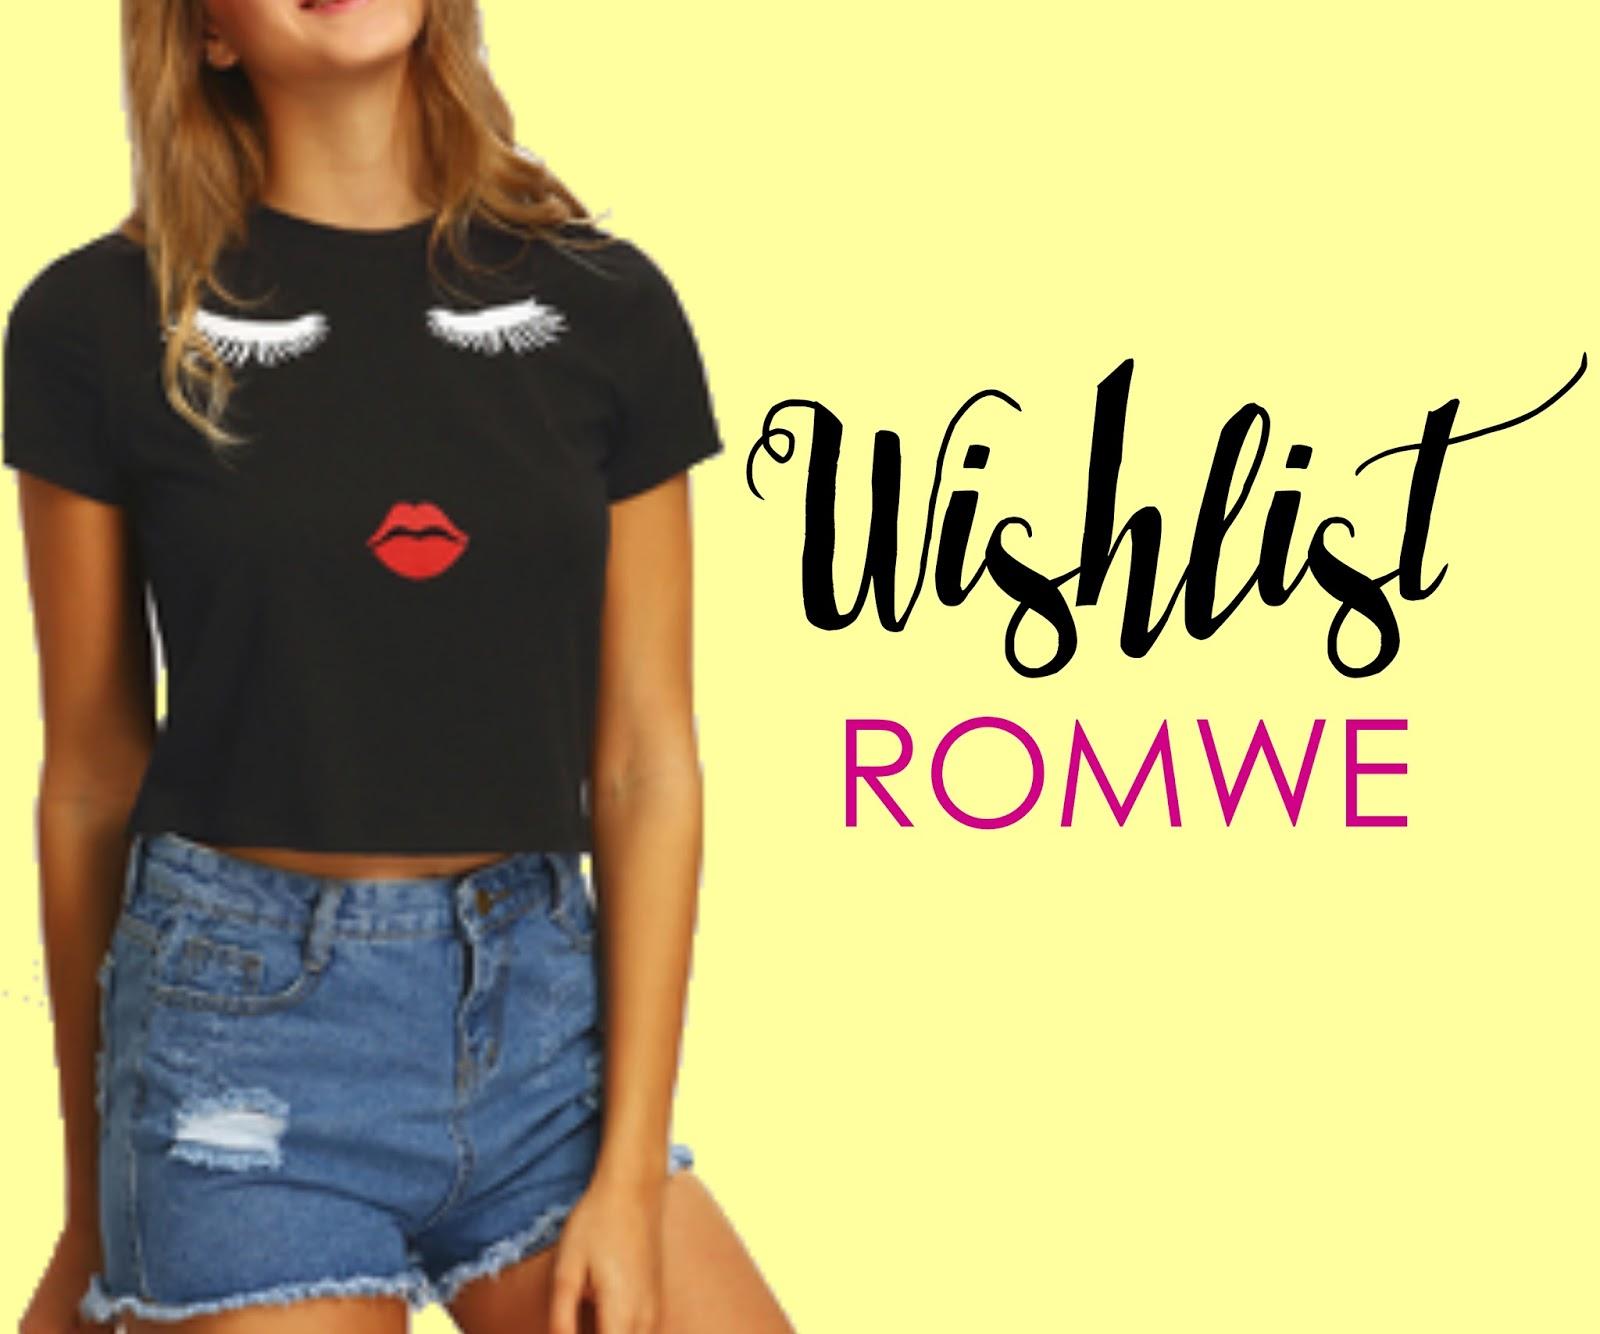 22f0cba12 Wishlist Romwe  Camisetas com Estampas Legais - Garotas Conectadas